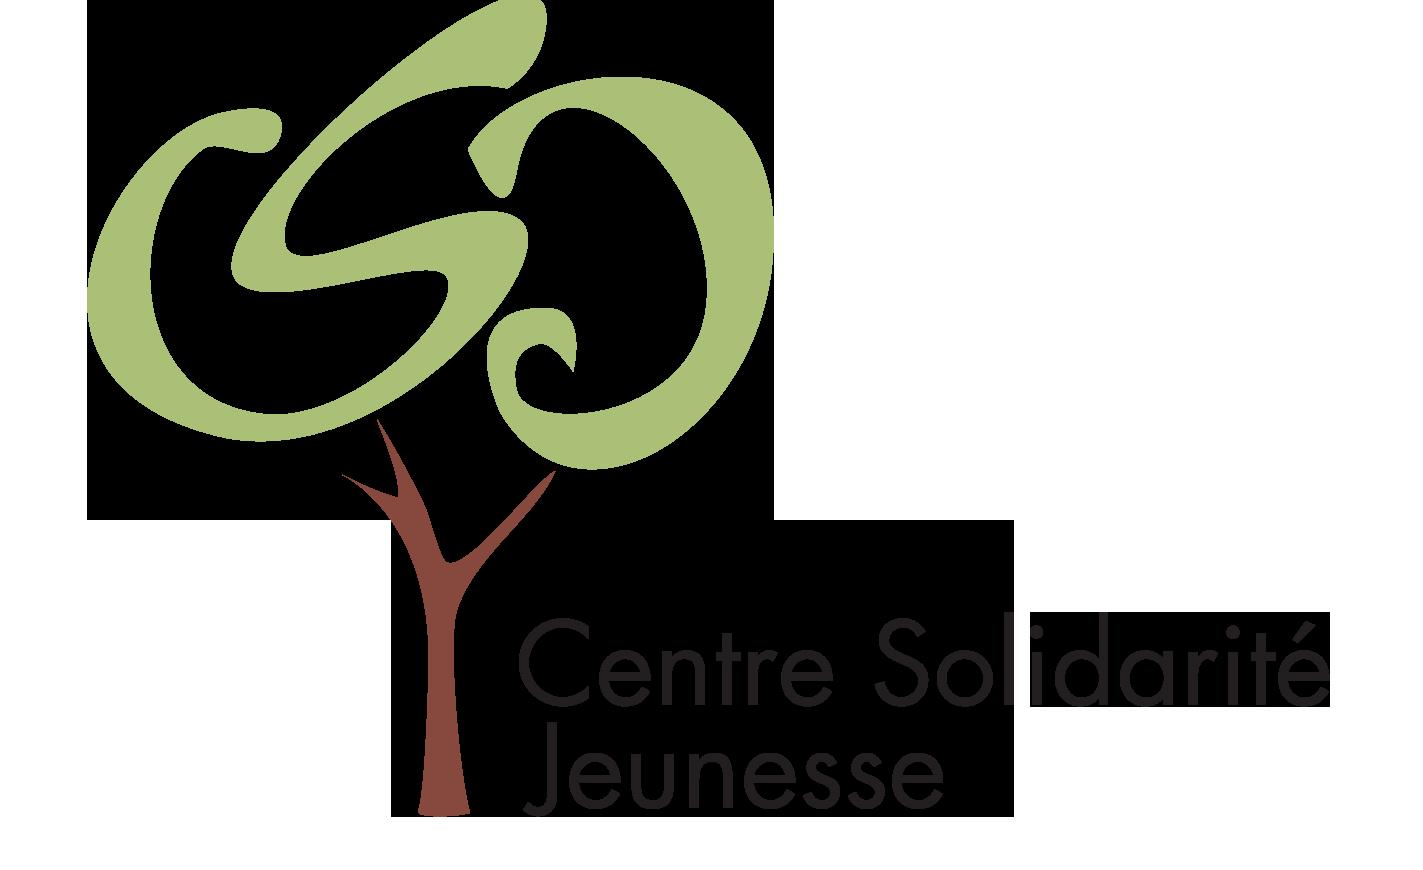 Centre Solidarité Jeunesse